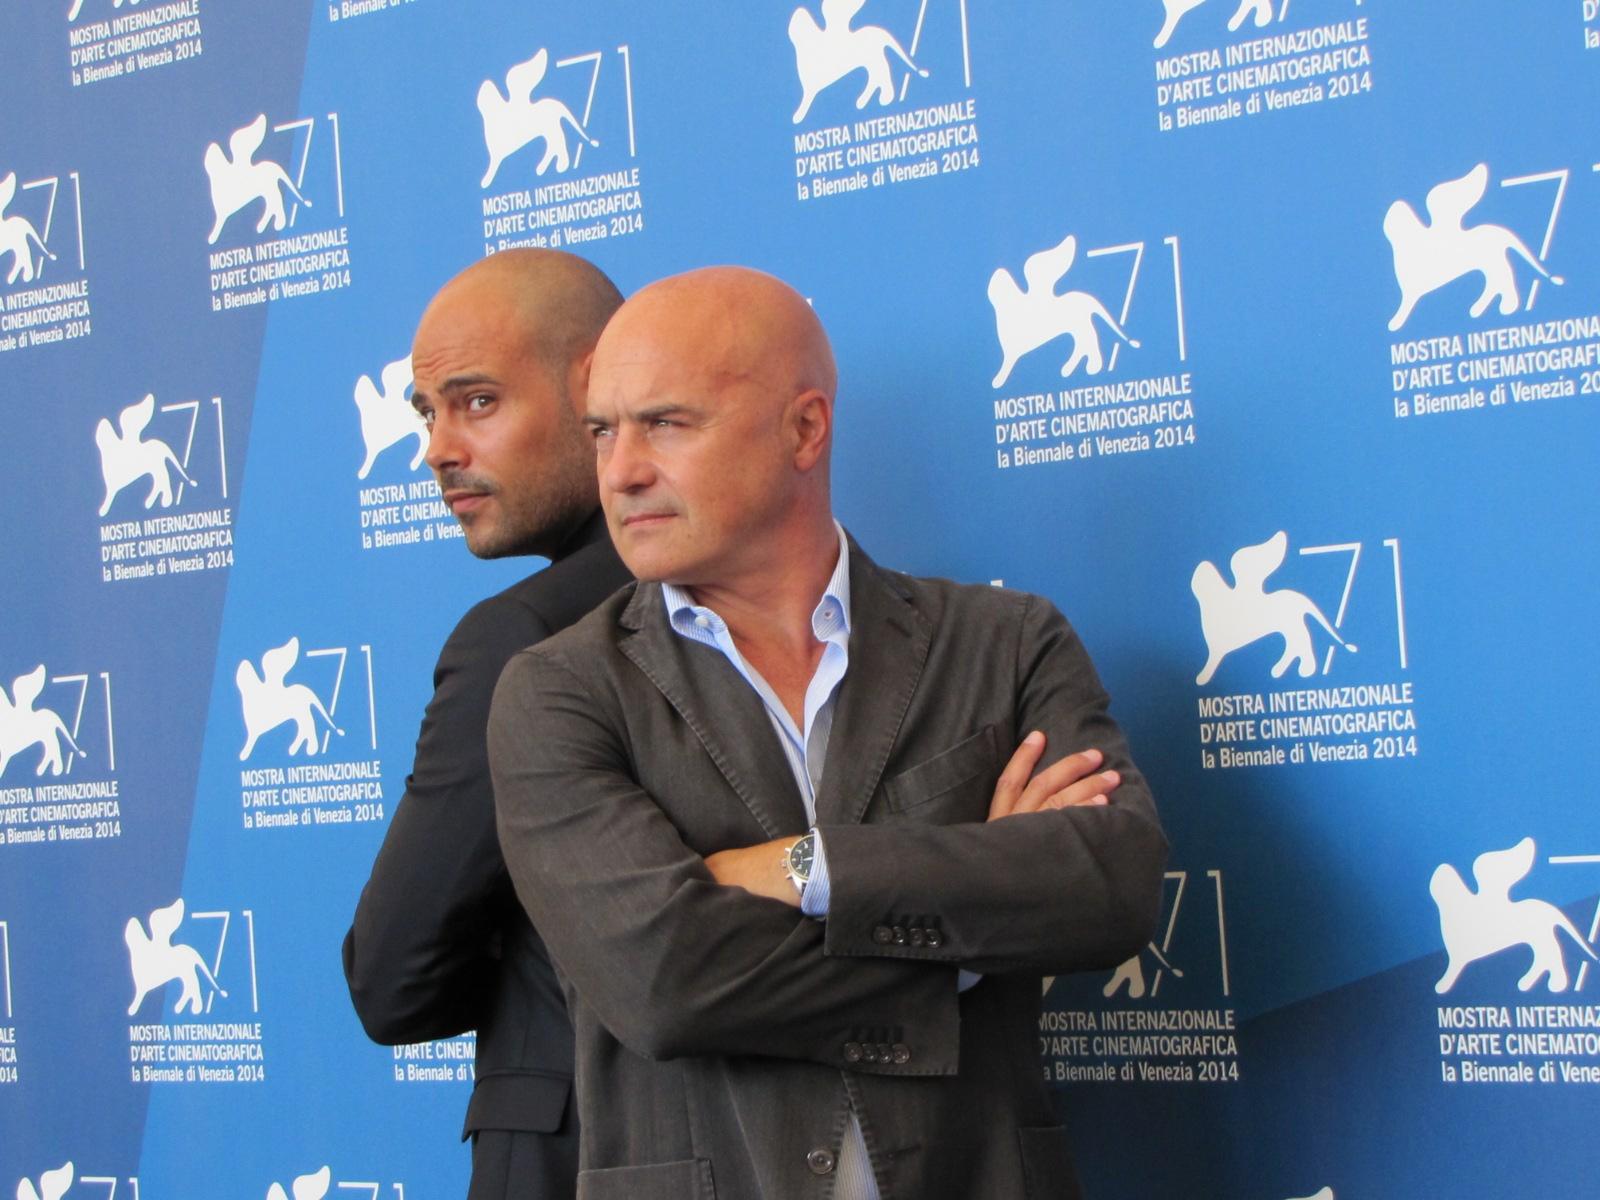 'Perez' a Venezia 2014 - D'Amore e Zingaretti